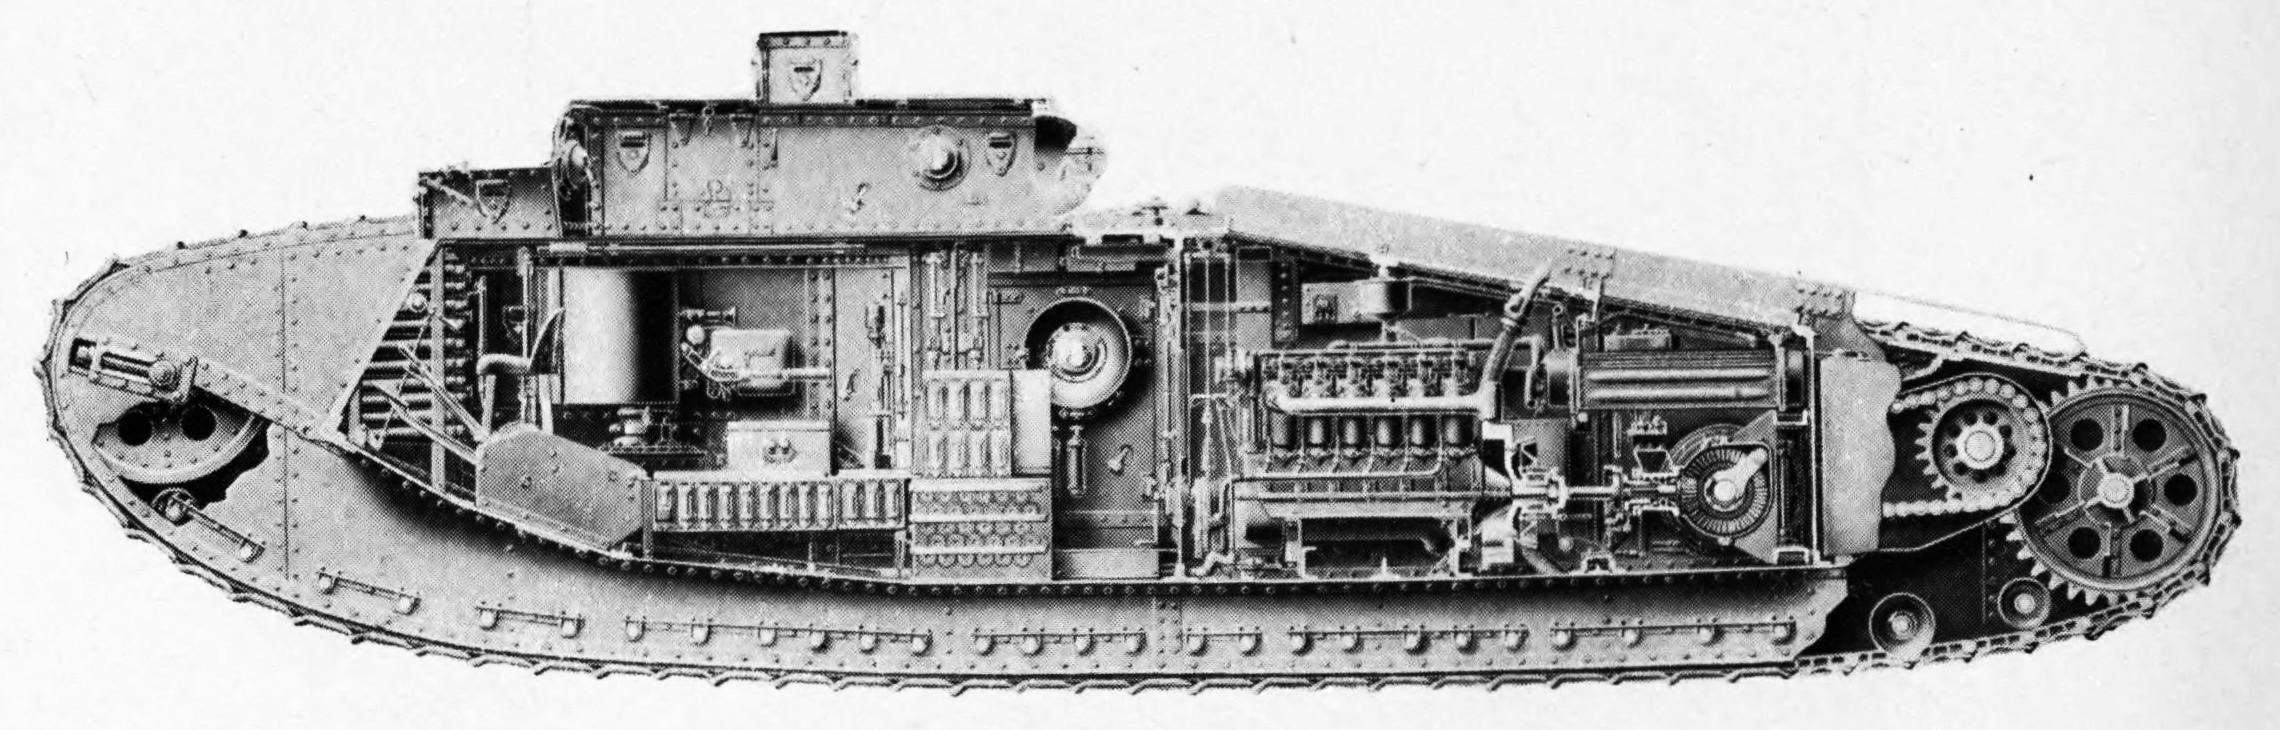 Cutaway Mark VIII